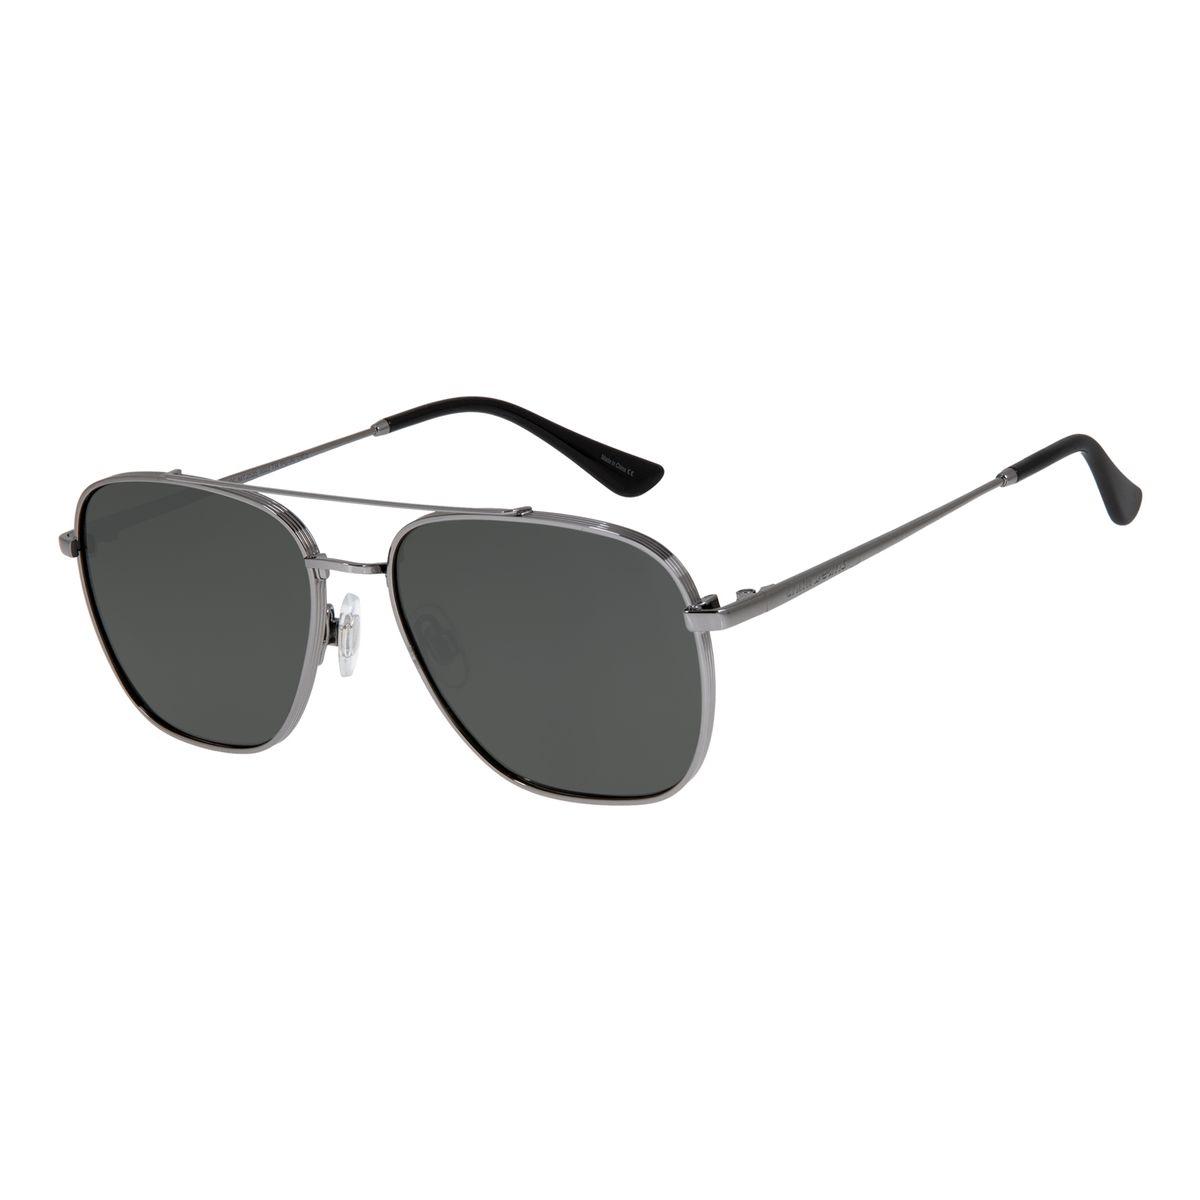 fb0f8b0c1 Óculos de Sol Masculino Chilli Beans Onix 2535 - OC.MT.2535.0022 M. REF:  OC.MT.2535.0022. OC.